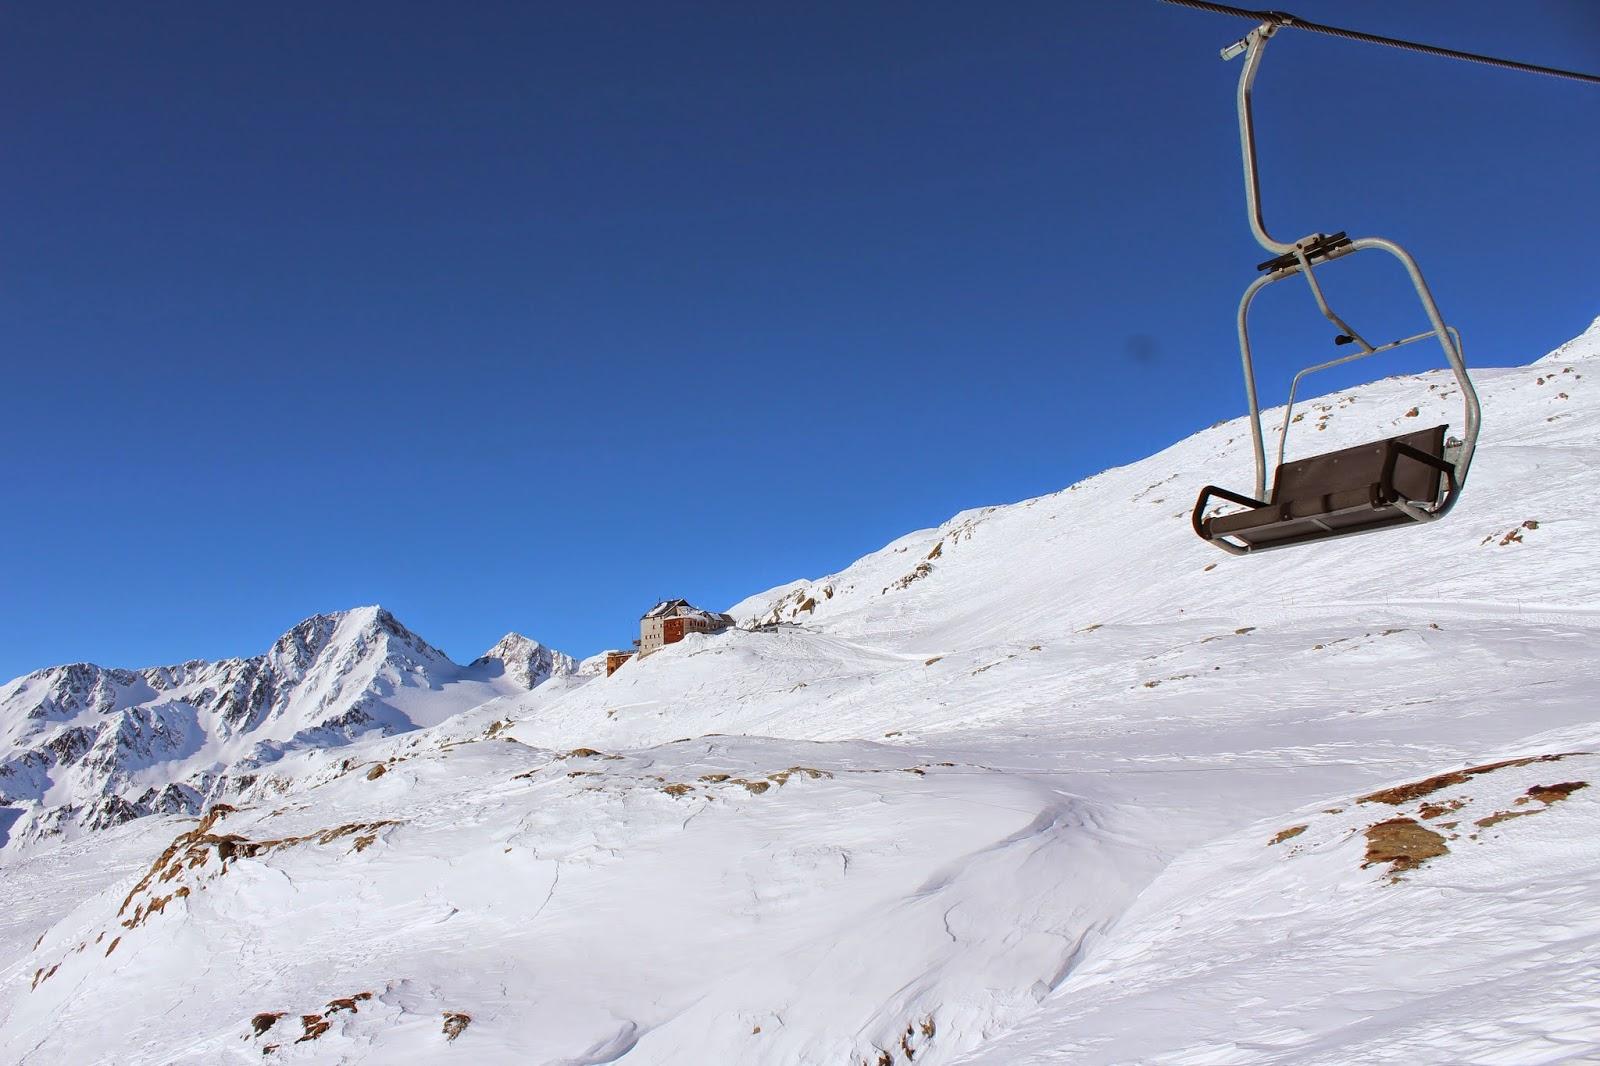 wyciąg narty ski snow italy, gdzie pojechać na narty, gwarancja pogody narty włochy, sprzęt narciarski